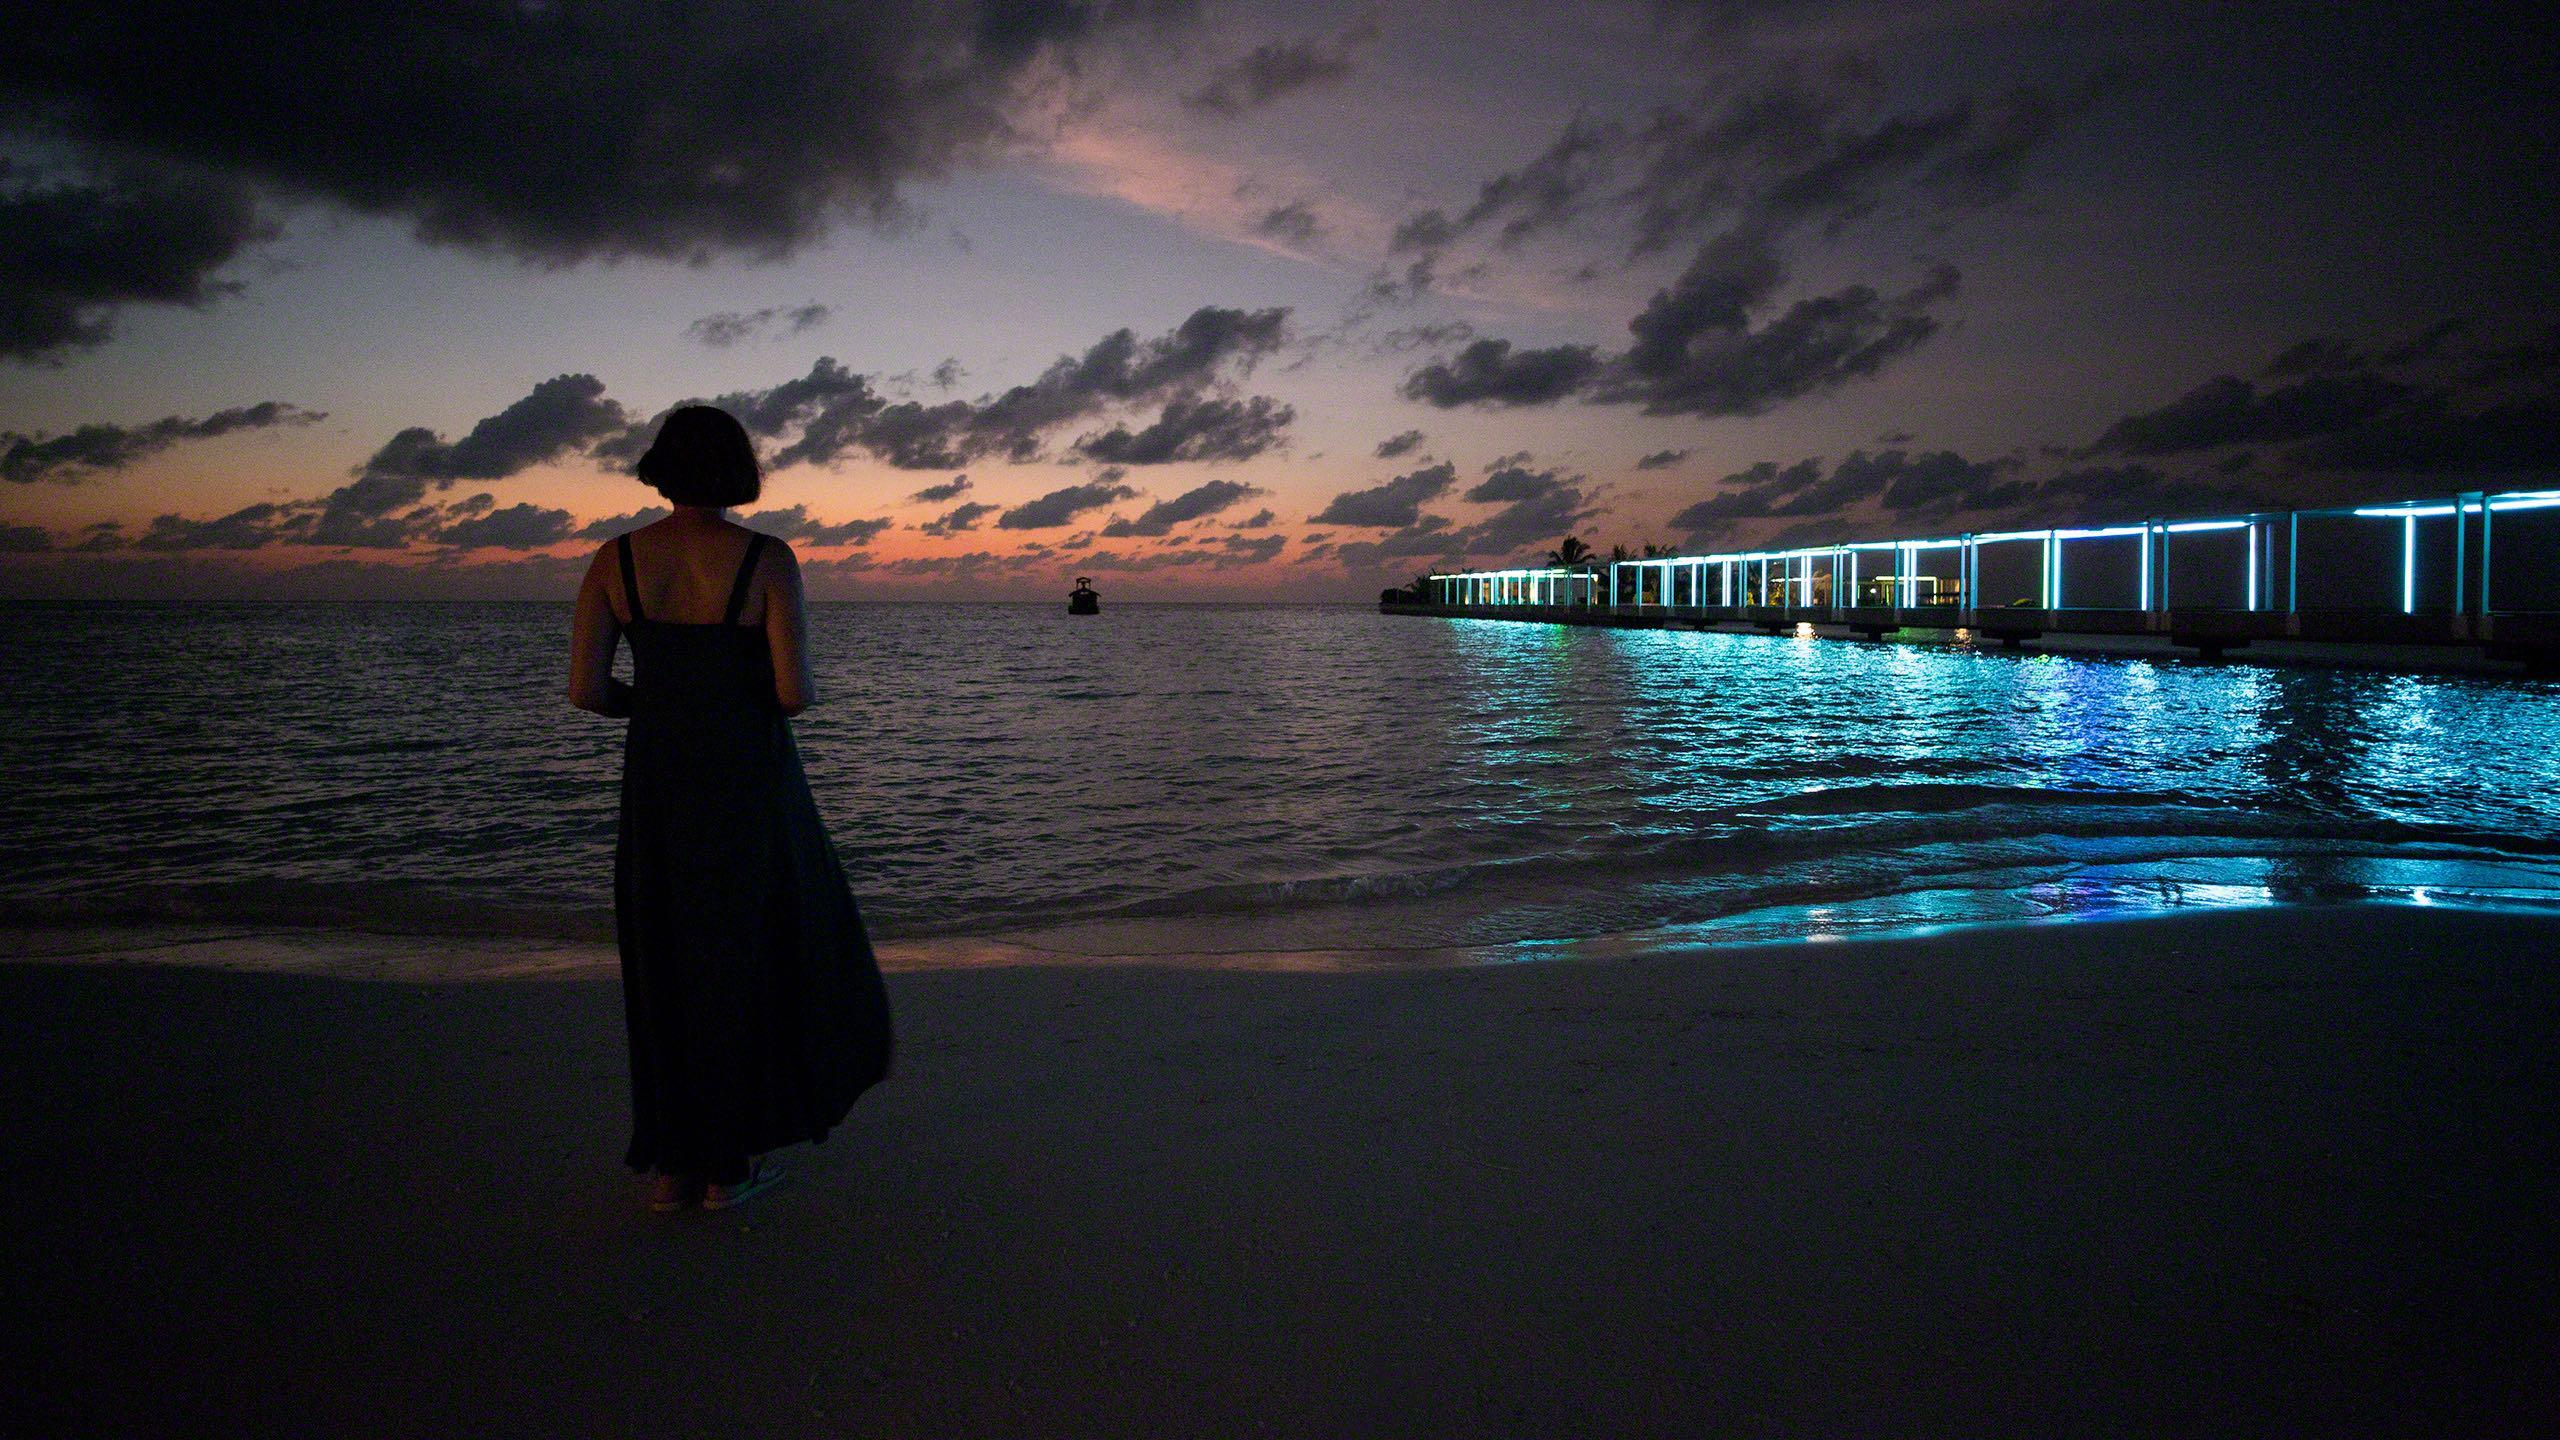 Malediven Barfuß-Traum und der magische Sonnenuntergang ©Mirco Seyfert